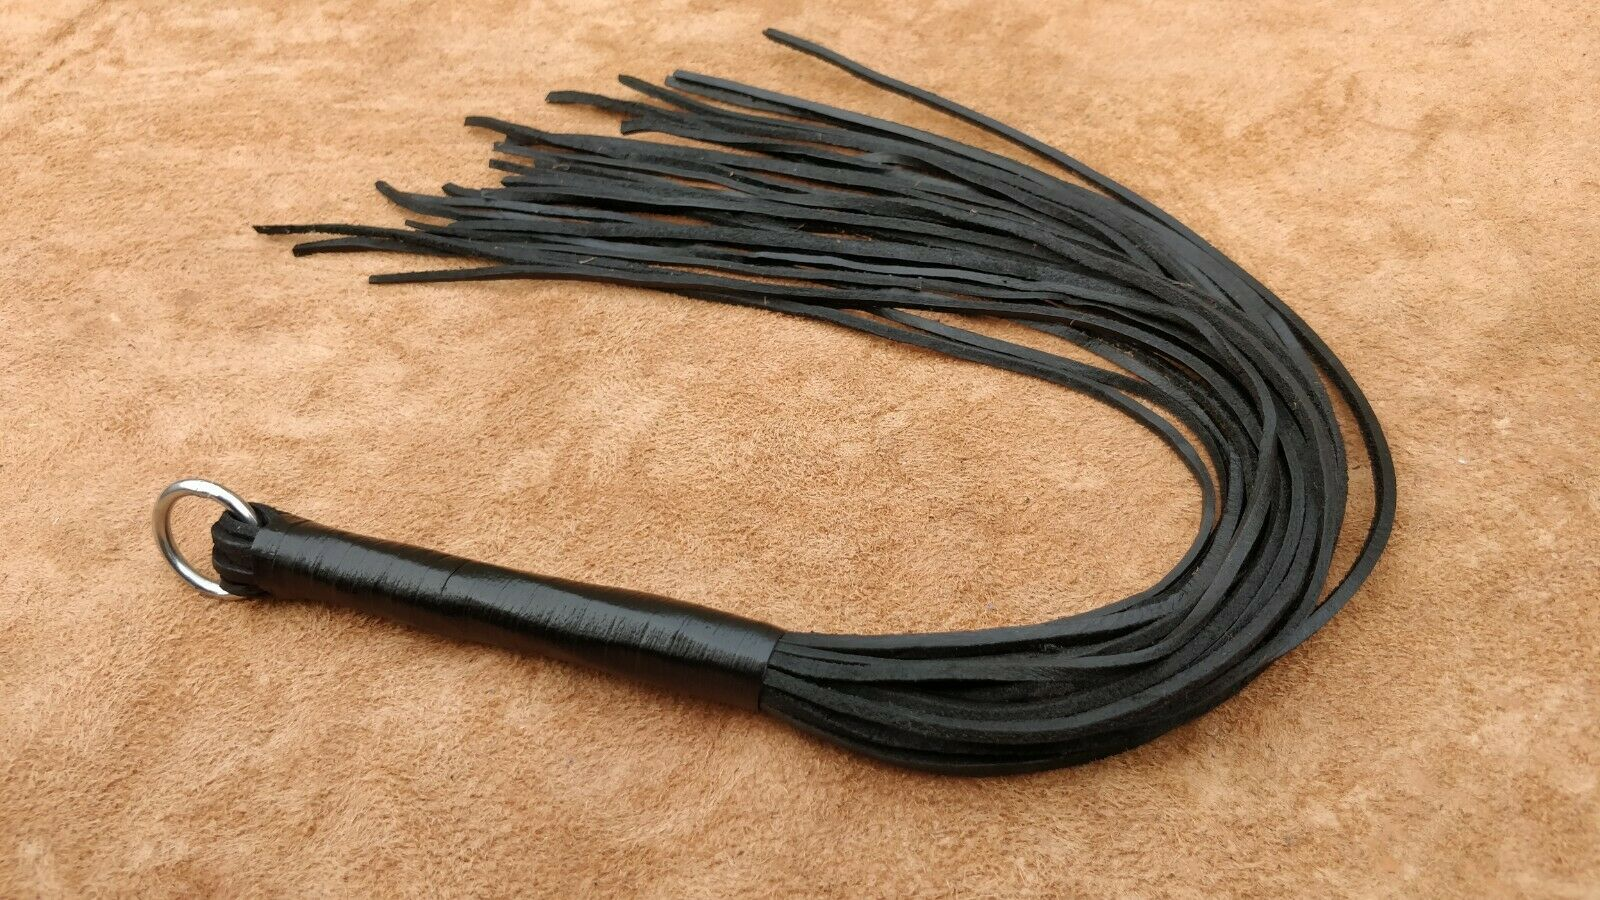 Véritable Vachette épais dur Tails Whip Leather Flogger